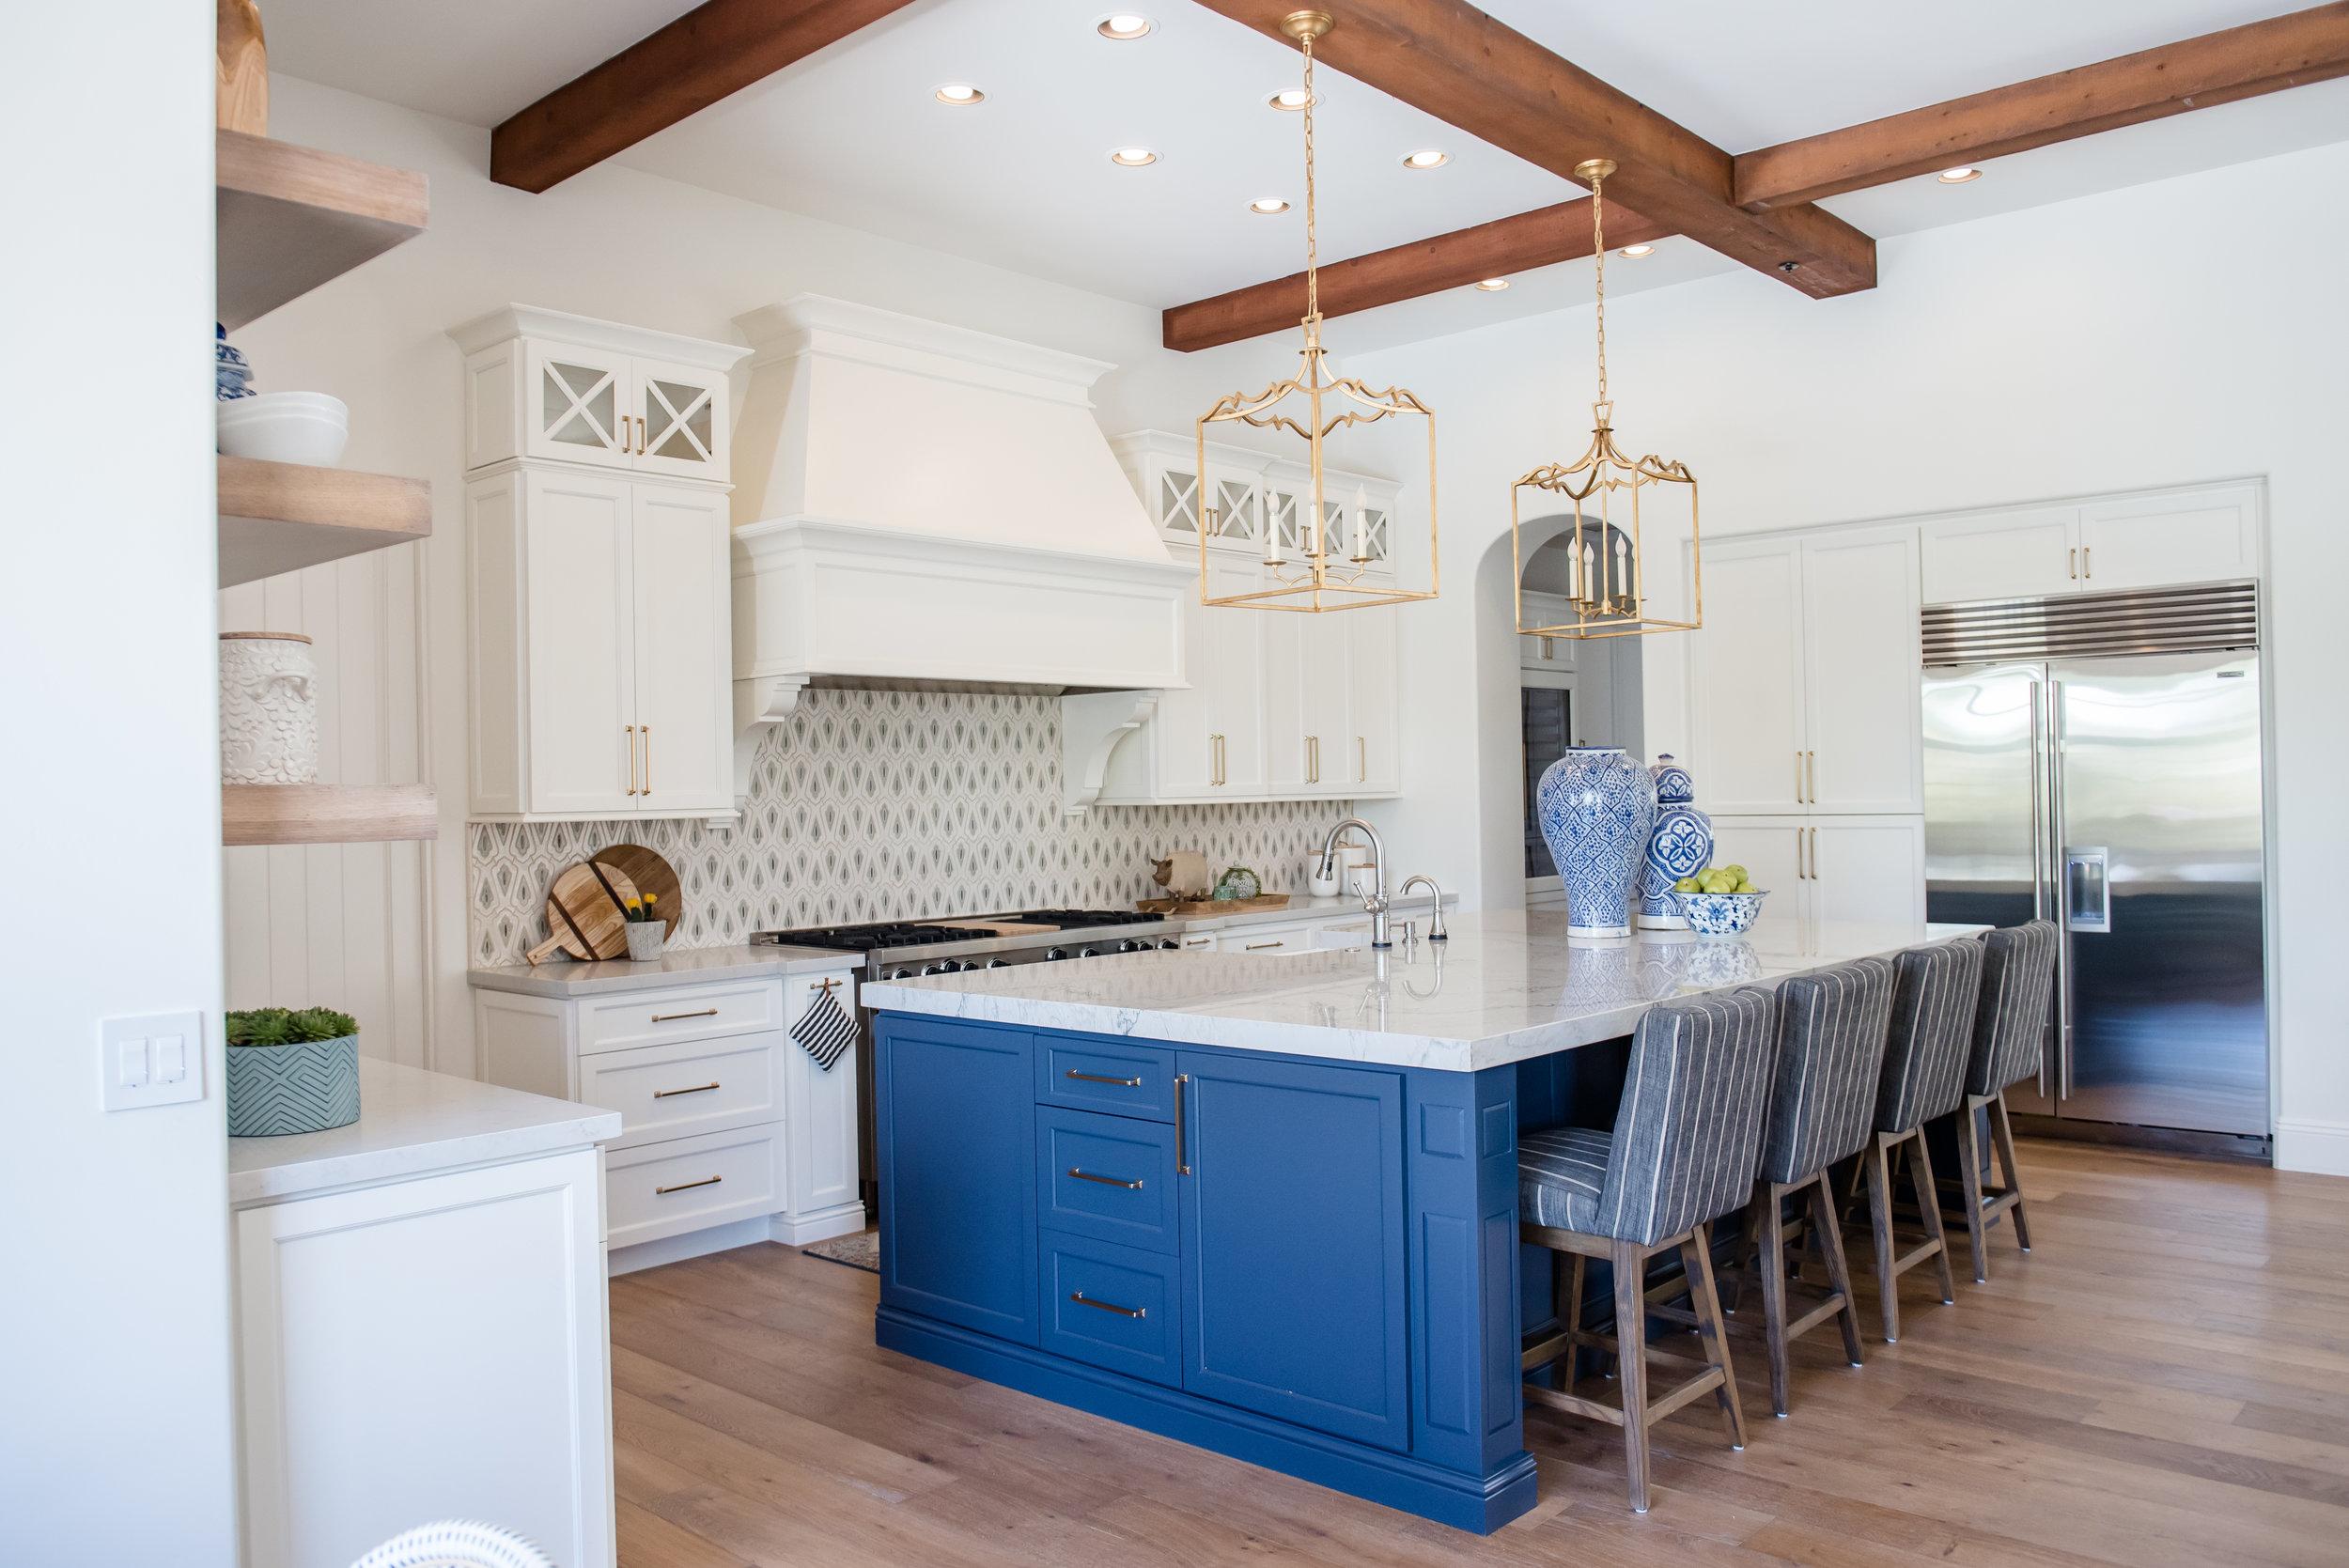 20+kitchen+hood+navyblueisland+backsplashtile+openshelves+pendants+brasslighting.jpg